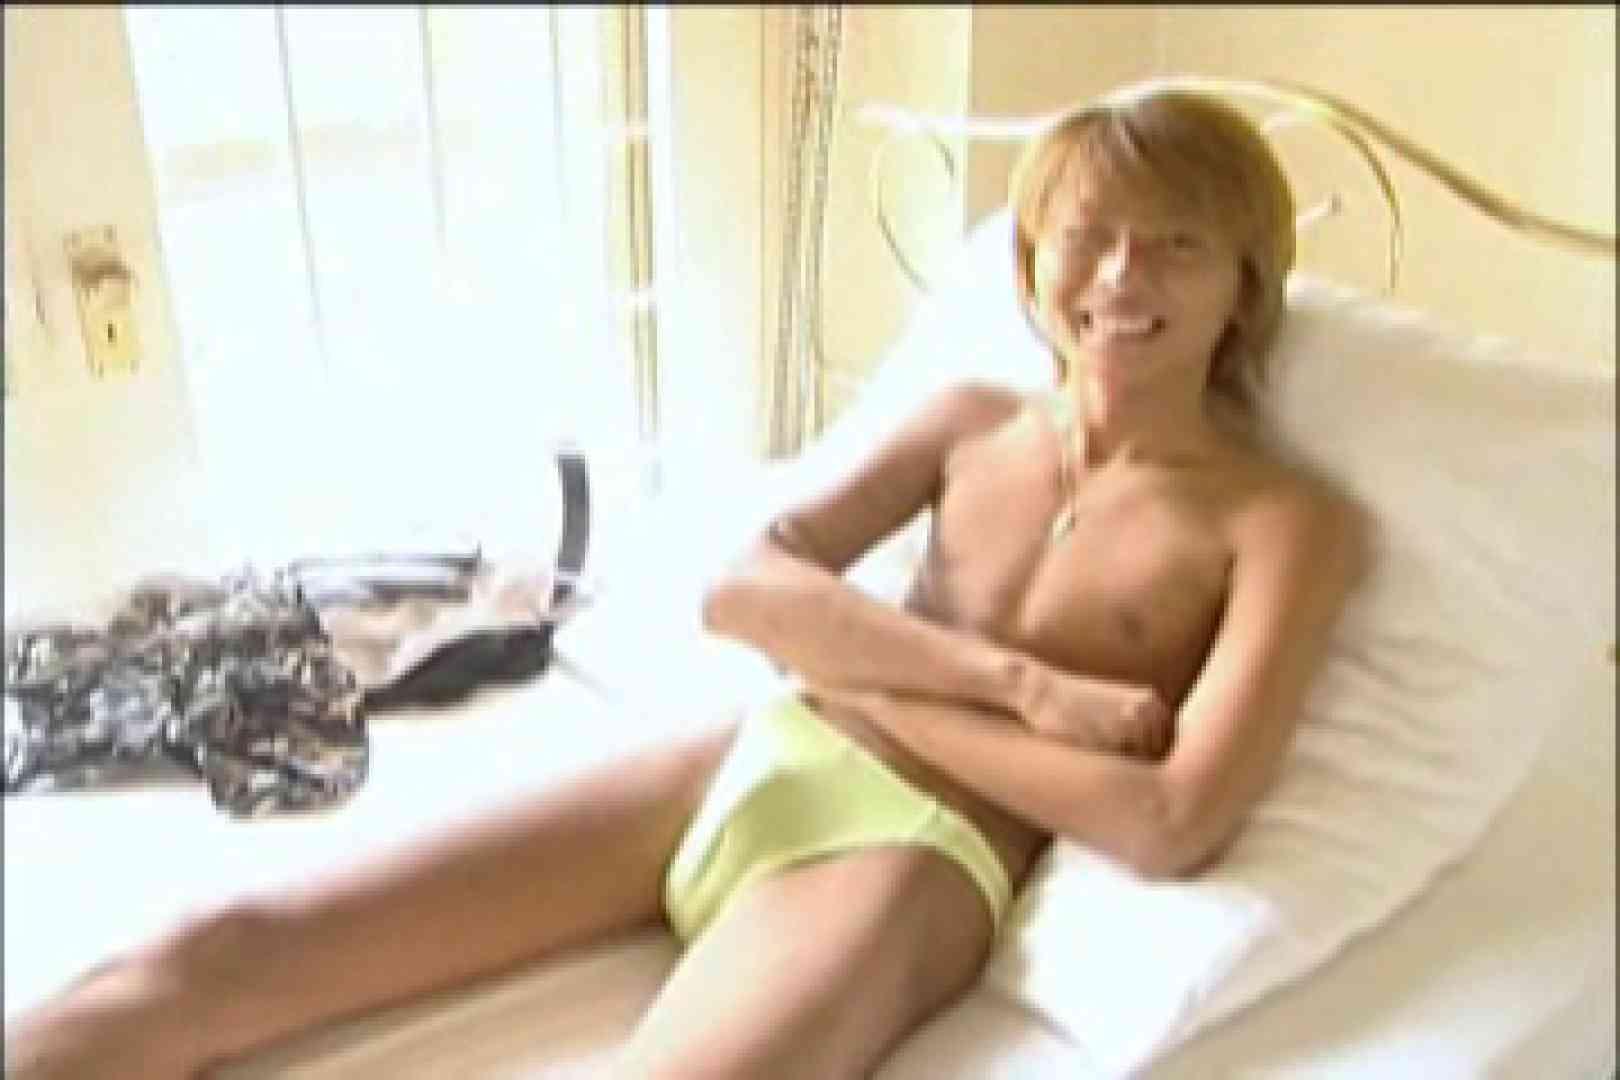 イケメン☆パラダイス〜男ざかりの君たちへ〜vol.23 イケメン・パラダイス  62画像 50